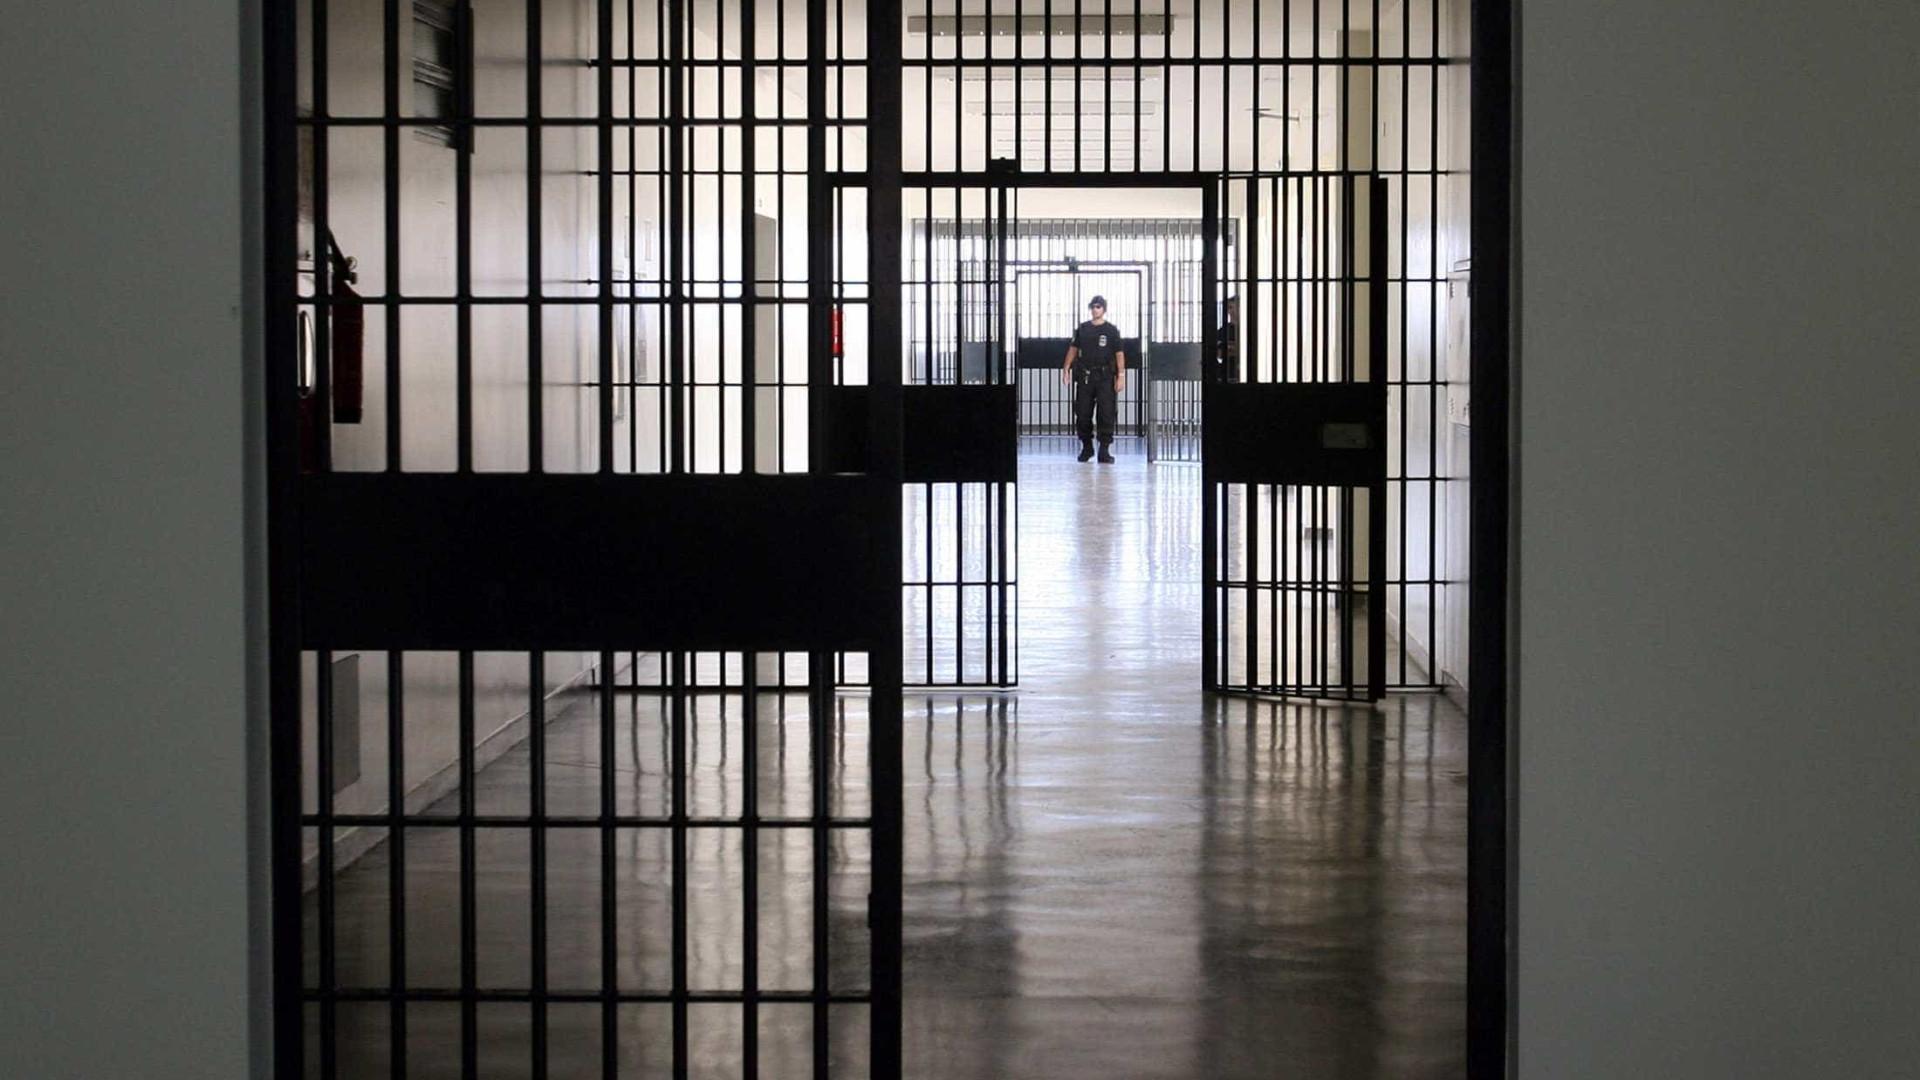 Oficial da PM preso há quase 7 anos já ganhou R$ 1,7 milhão em salários